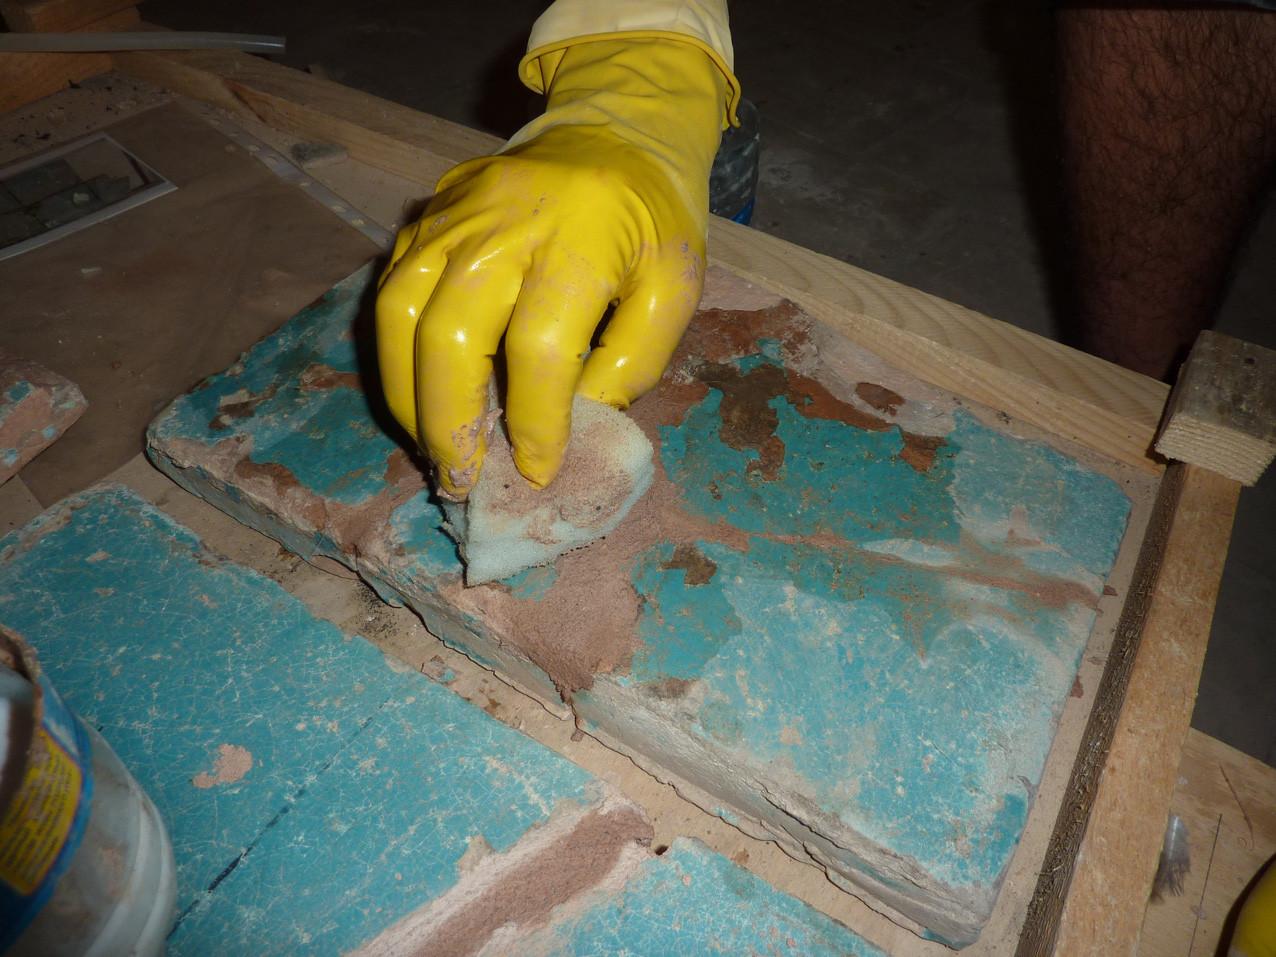 Lissage du ragréage après application sur un grand carreau turquoise (Socra, 2012)